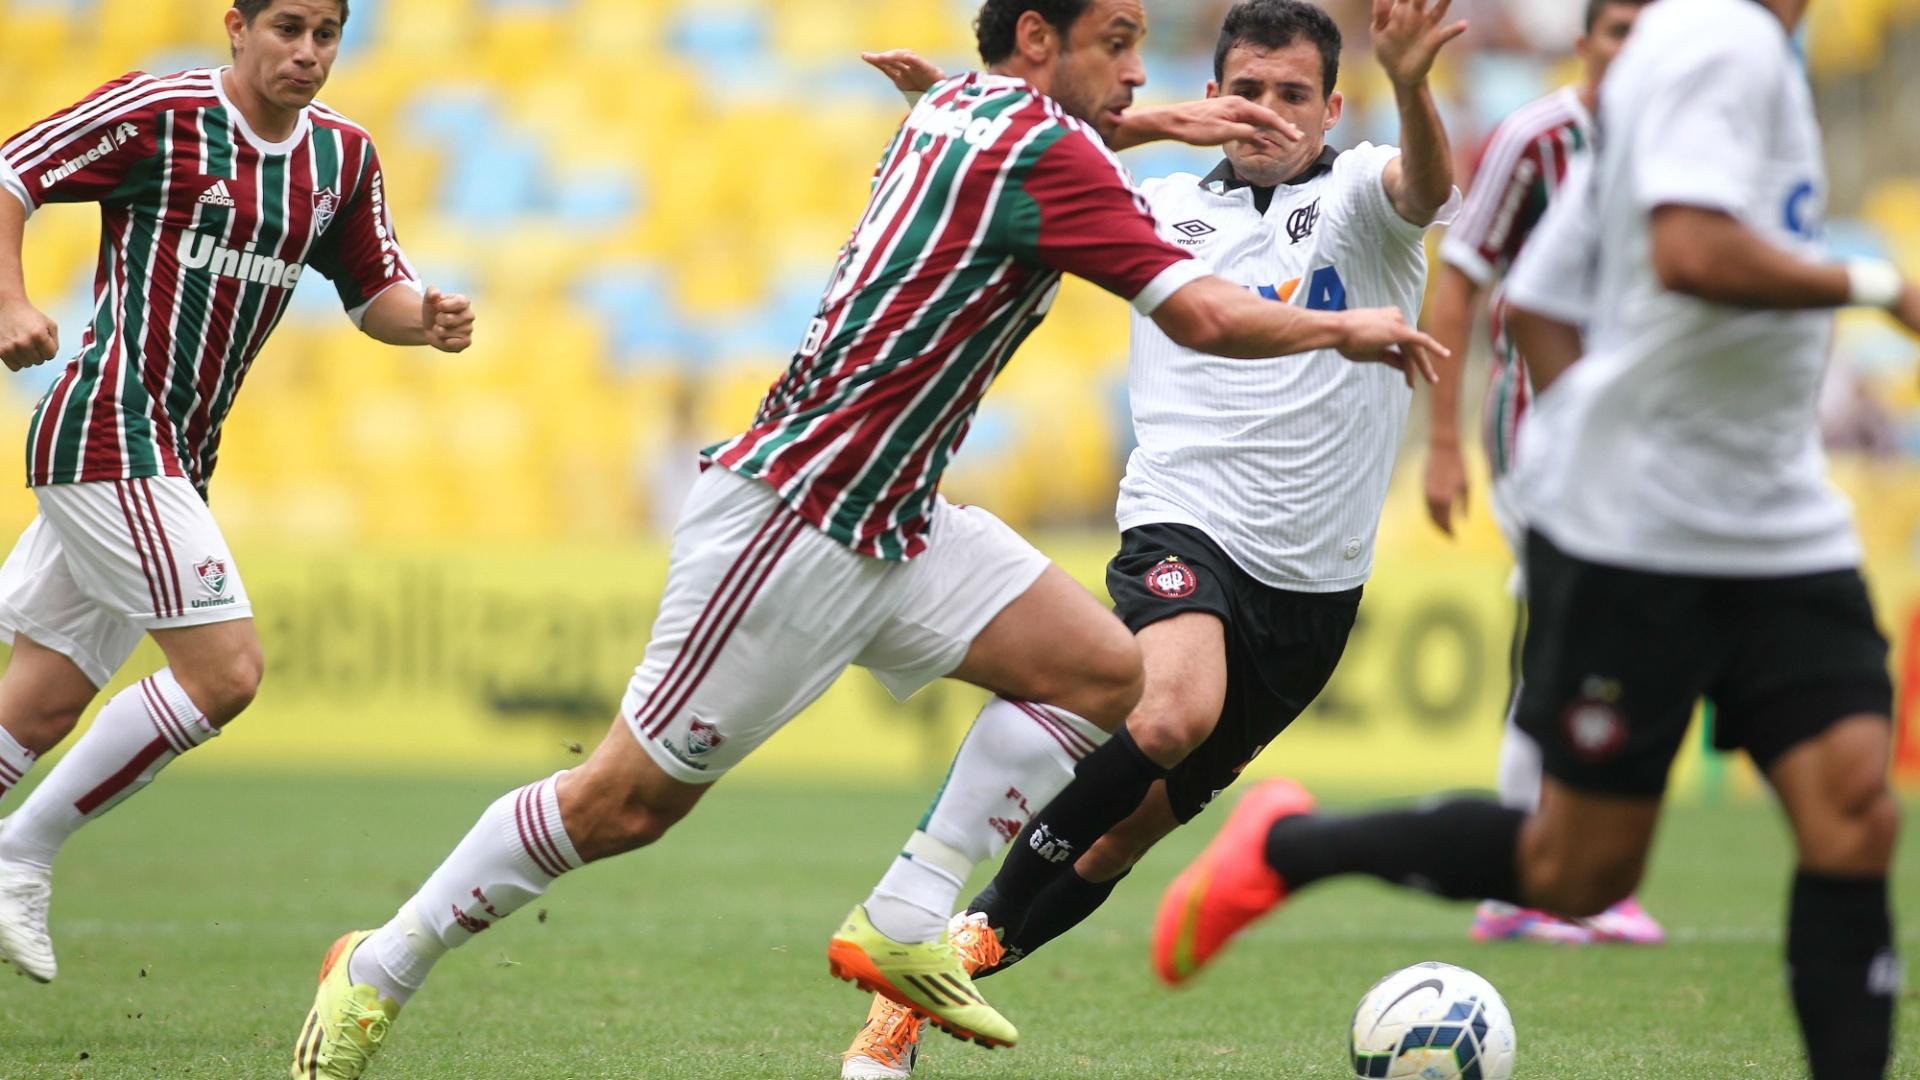 Fred tenta jogada individual contra a marcação do Atlético-PR